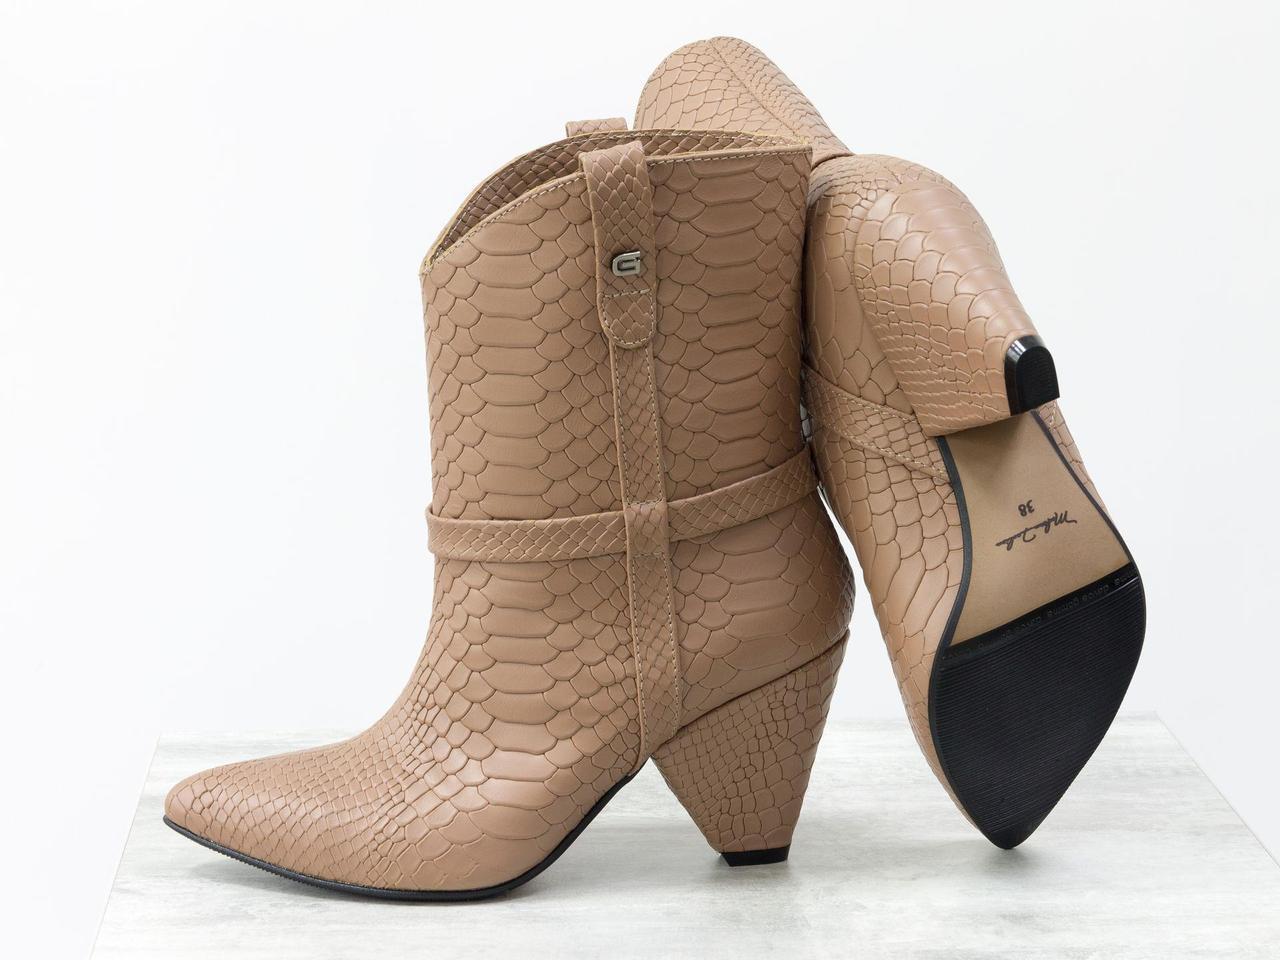 Стильные сапоги казаки из натуральной кожи цвета молочный шоколад на устойчивом высоком треугольном каблуке